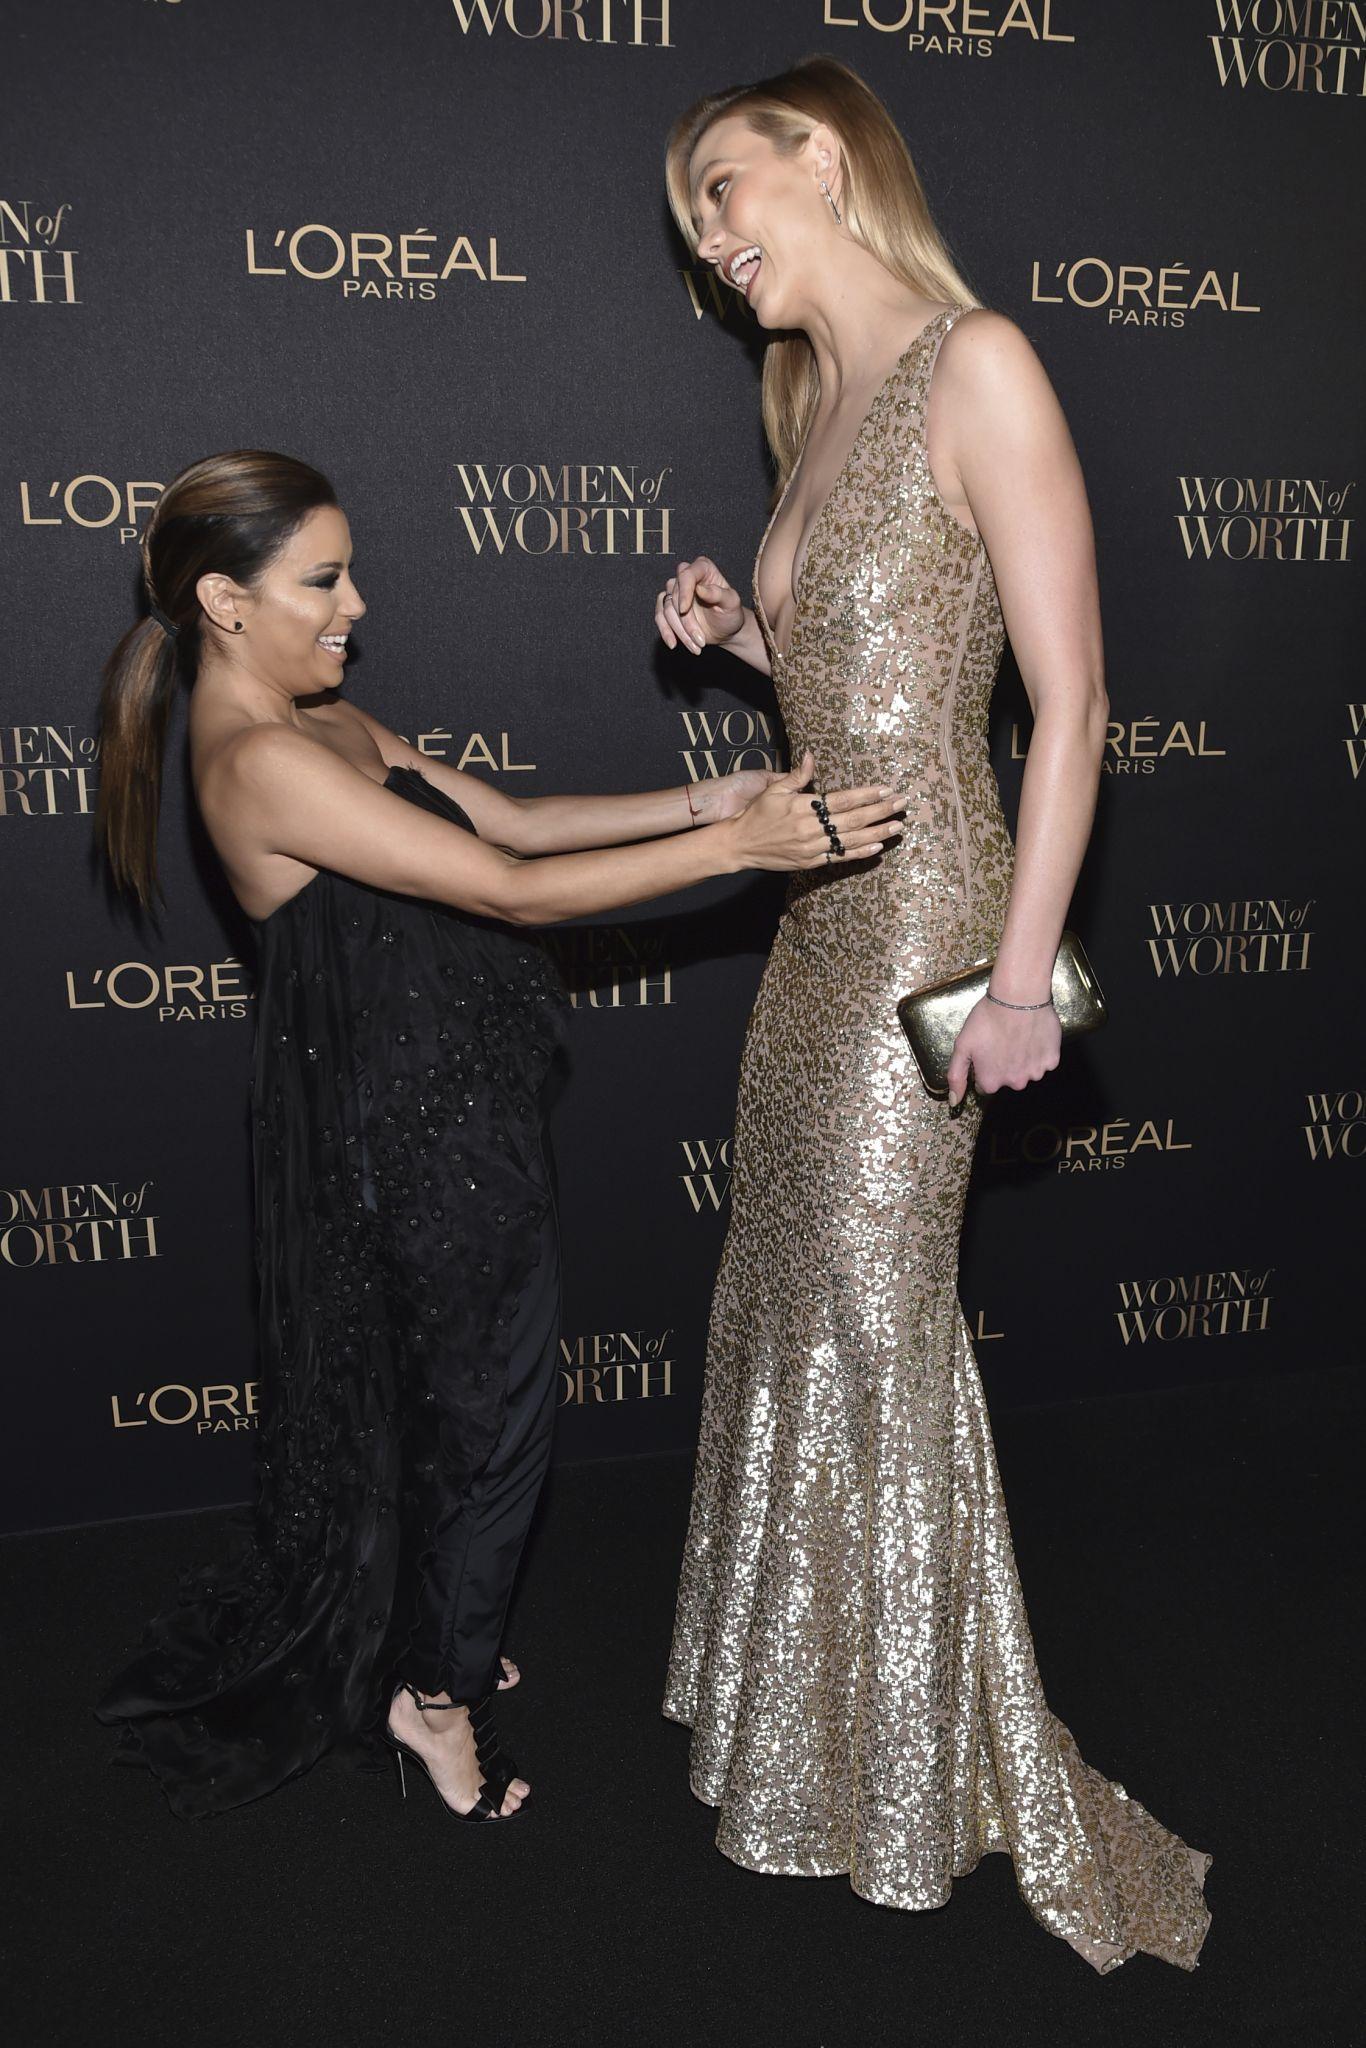 Photos Eva Longoria Poses With Towering Victoria S Secret